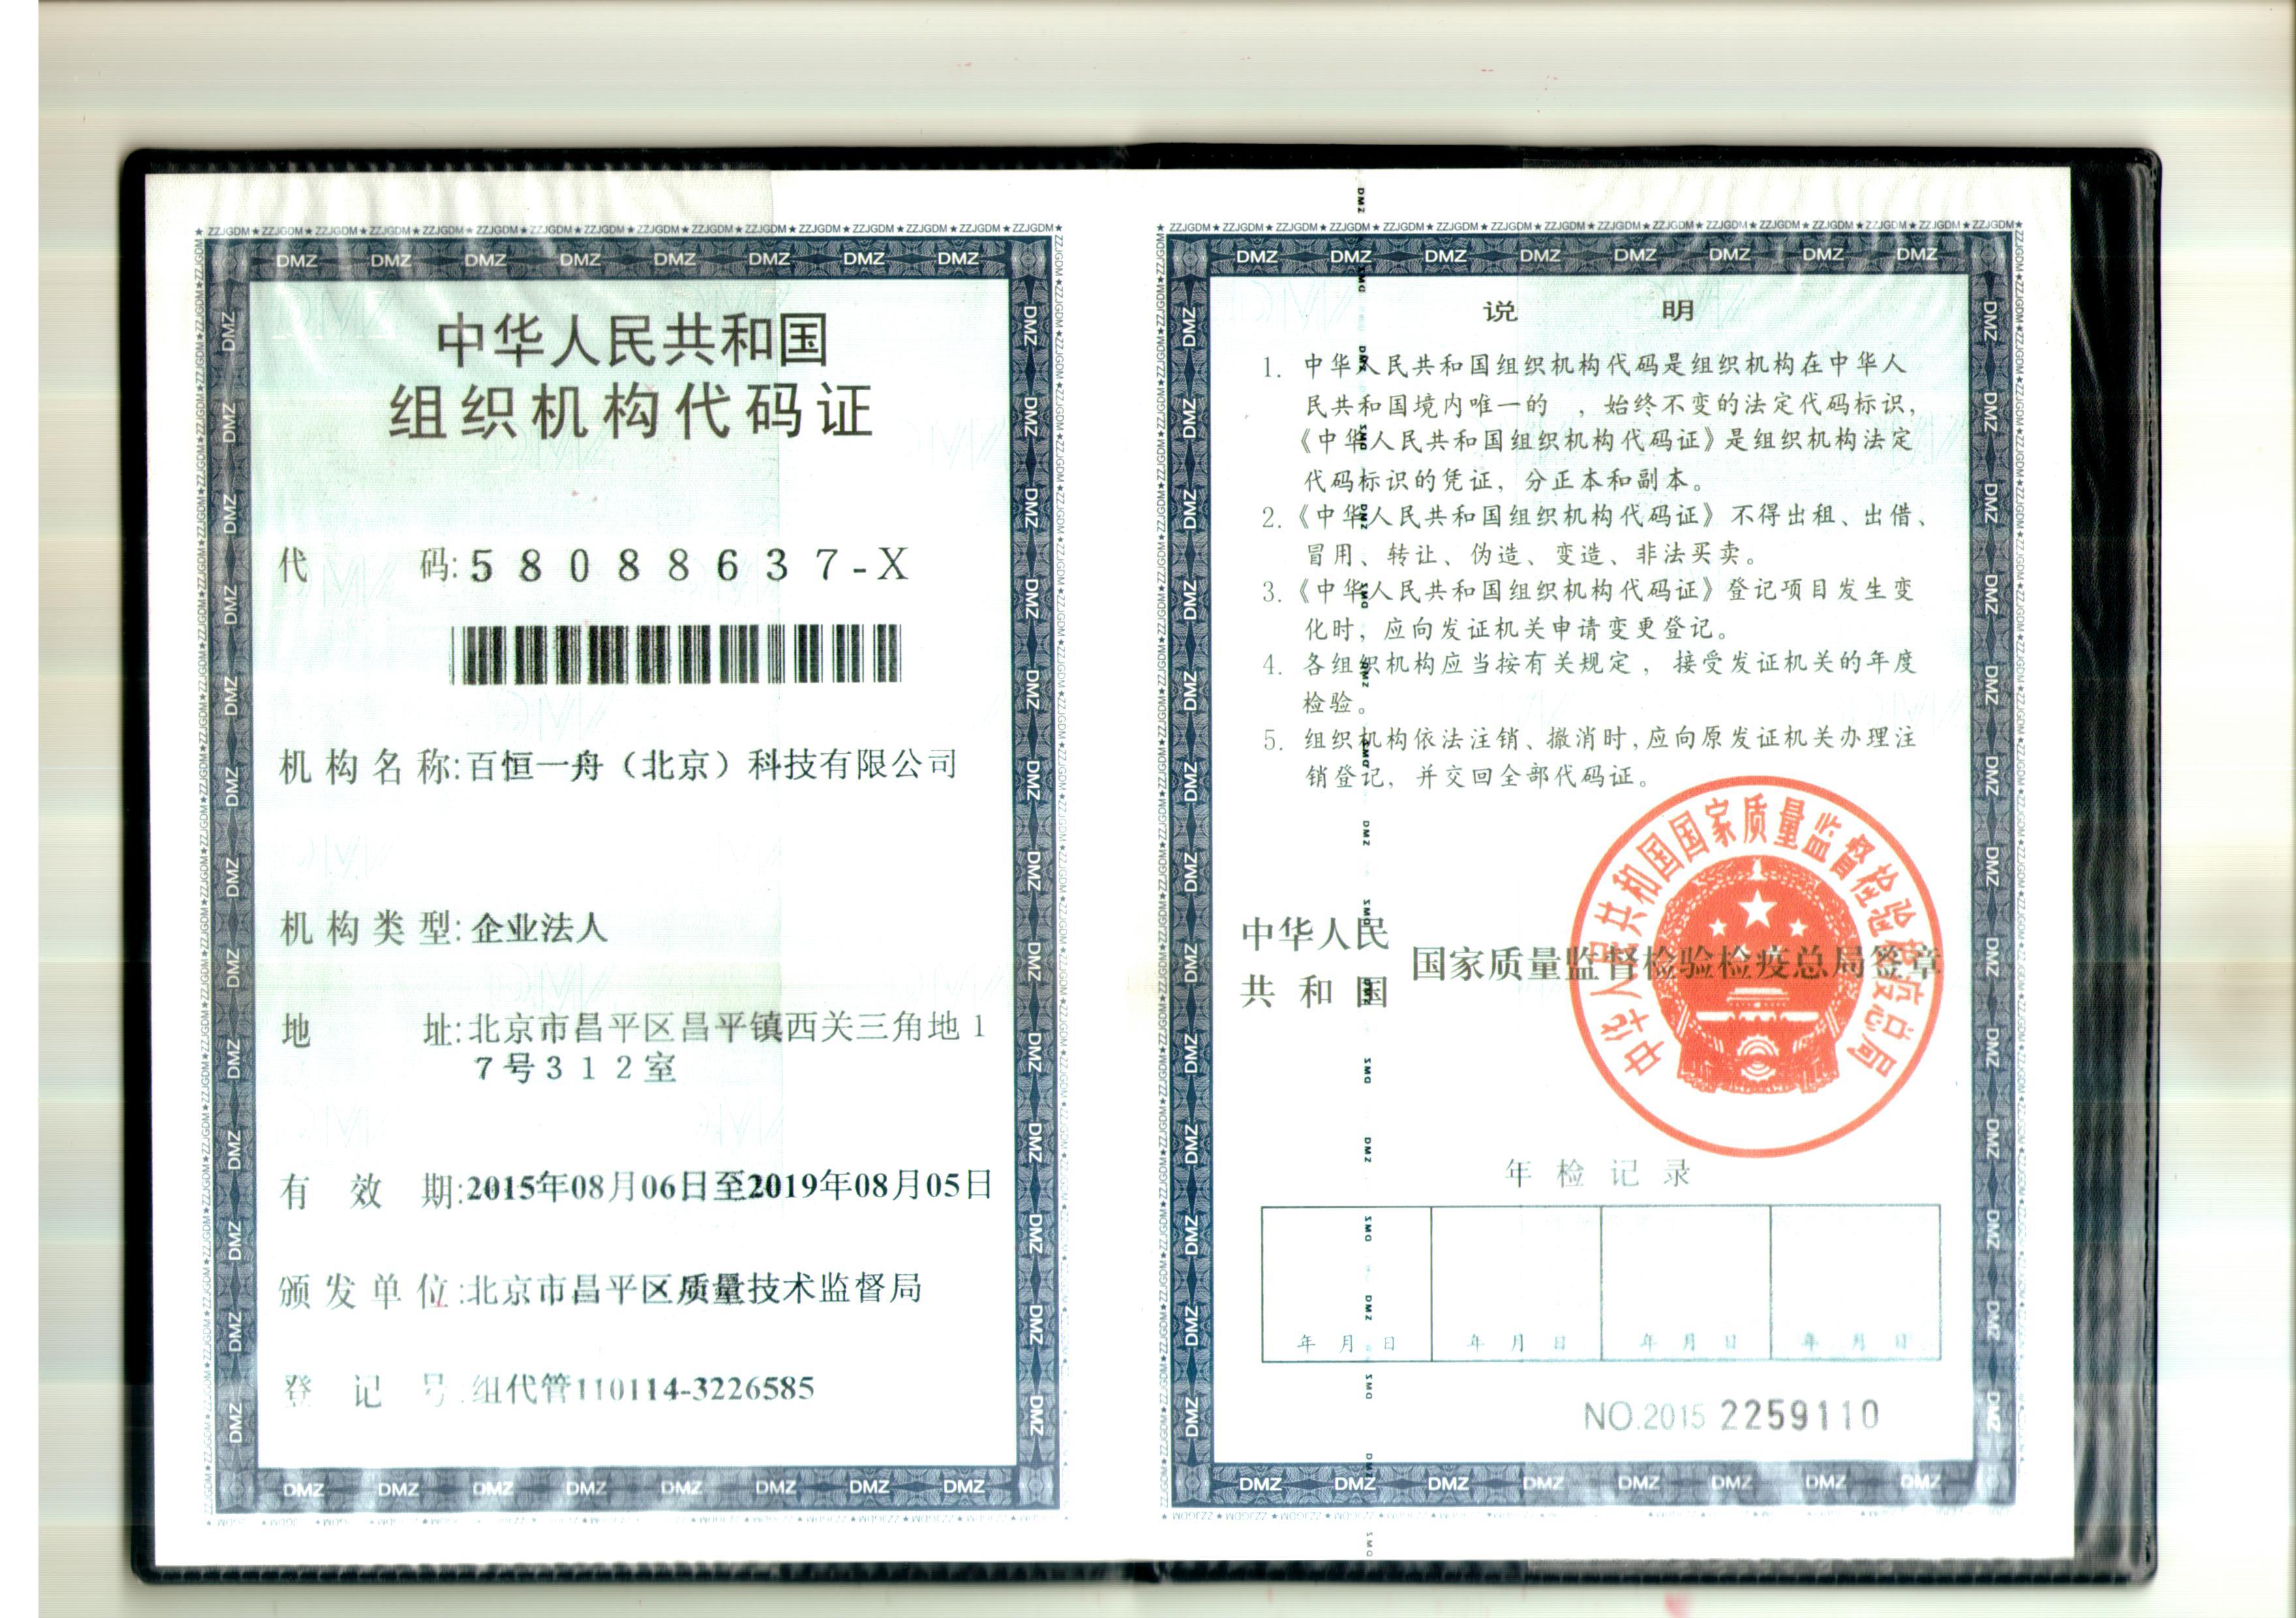 百恒一舟组织代码证(新).jpg